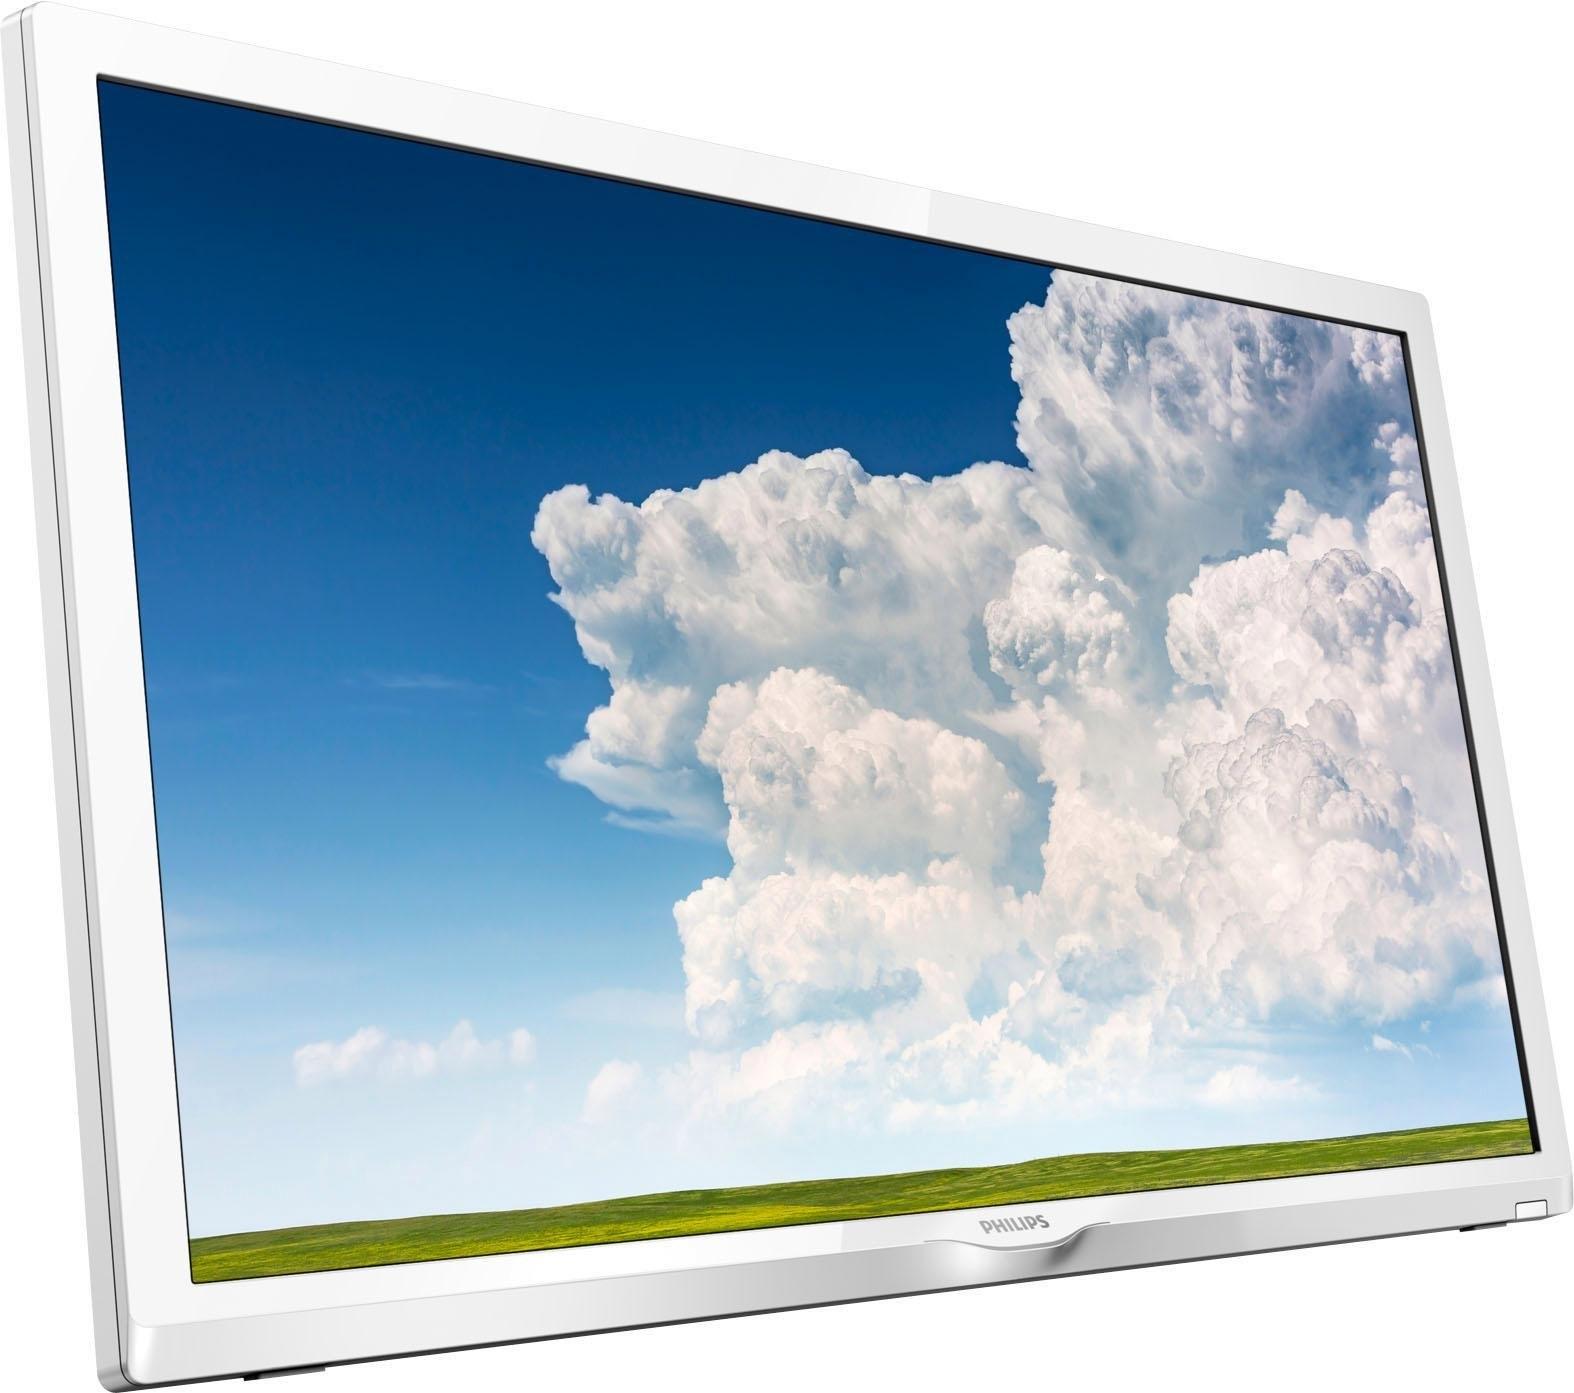 Philips 24PHS4354/12 led-tv (60 cm / (24 inch), Full HD goedkoop op otto.nl kopen